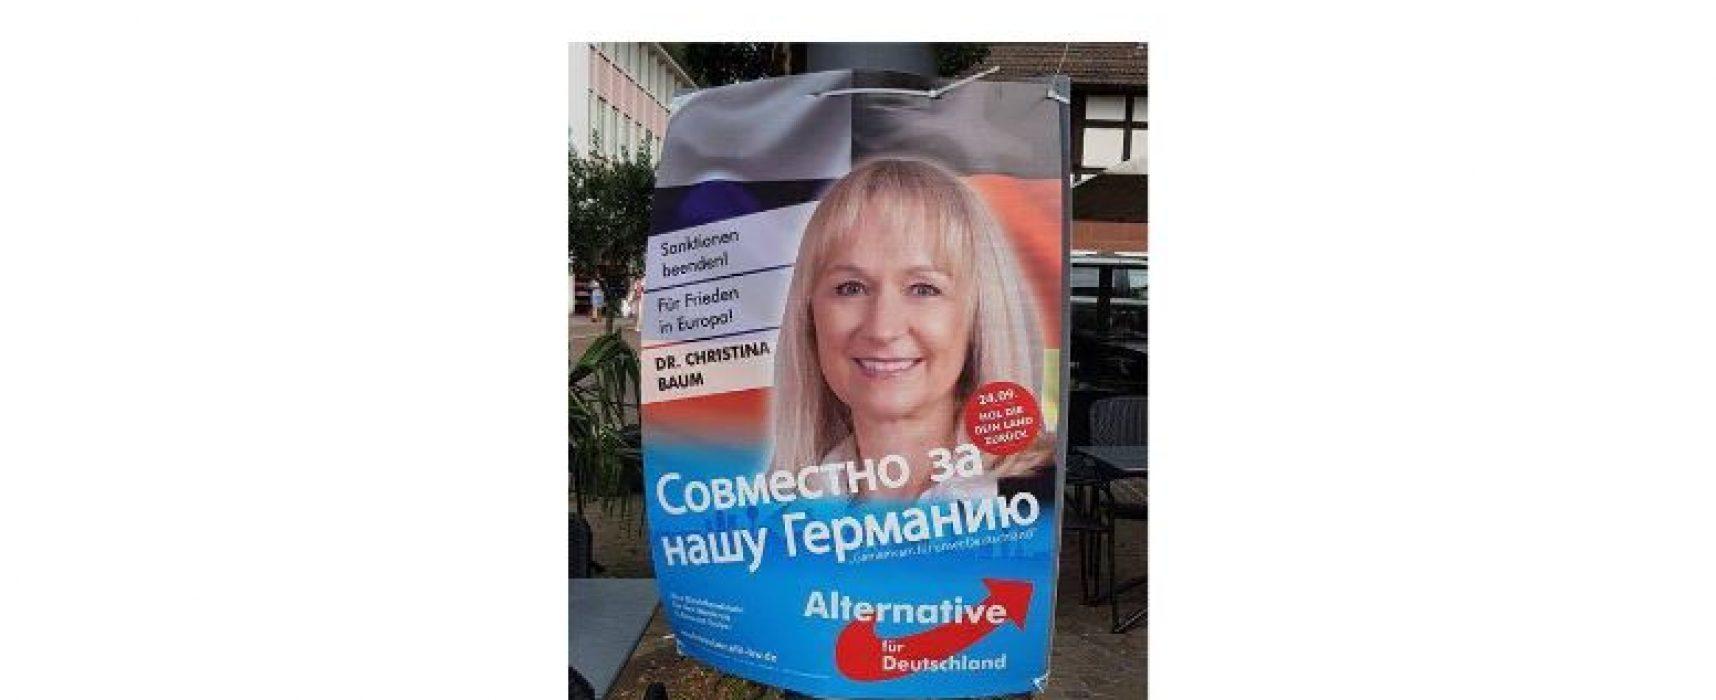 Russischsprachige im Fokus: Wie Russland und die AfD Einfluss nehmen